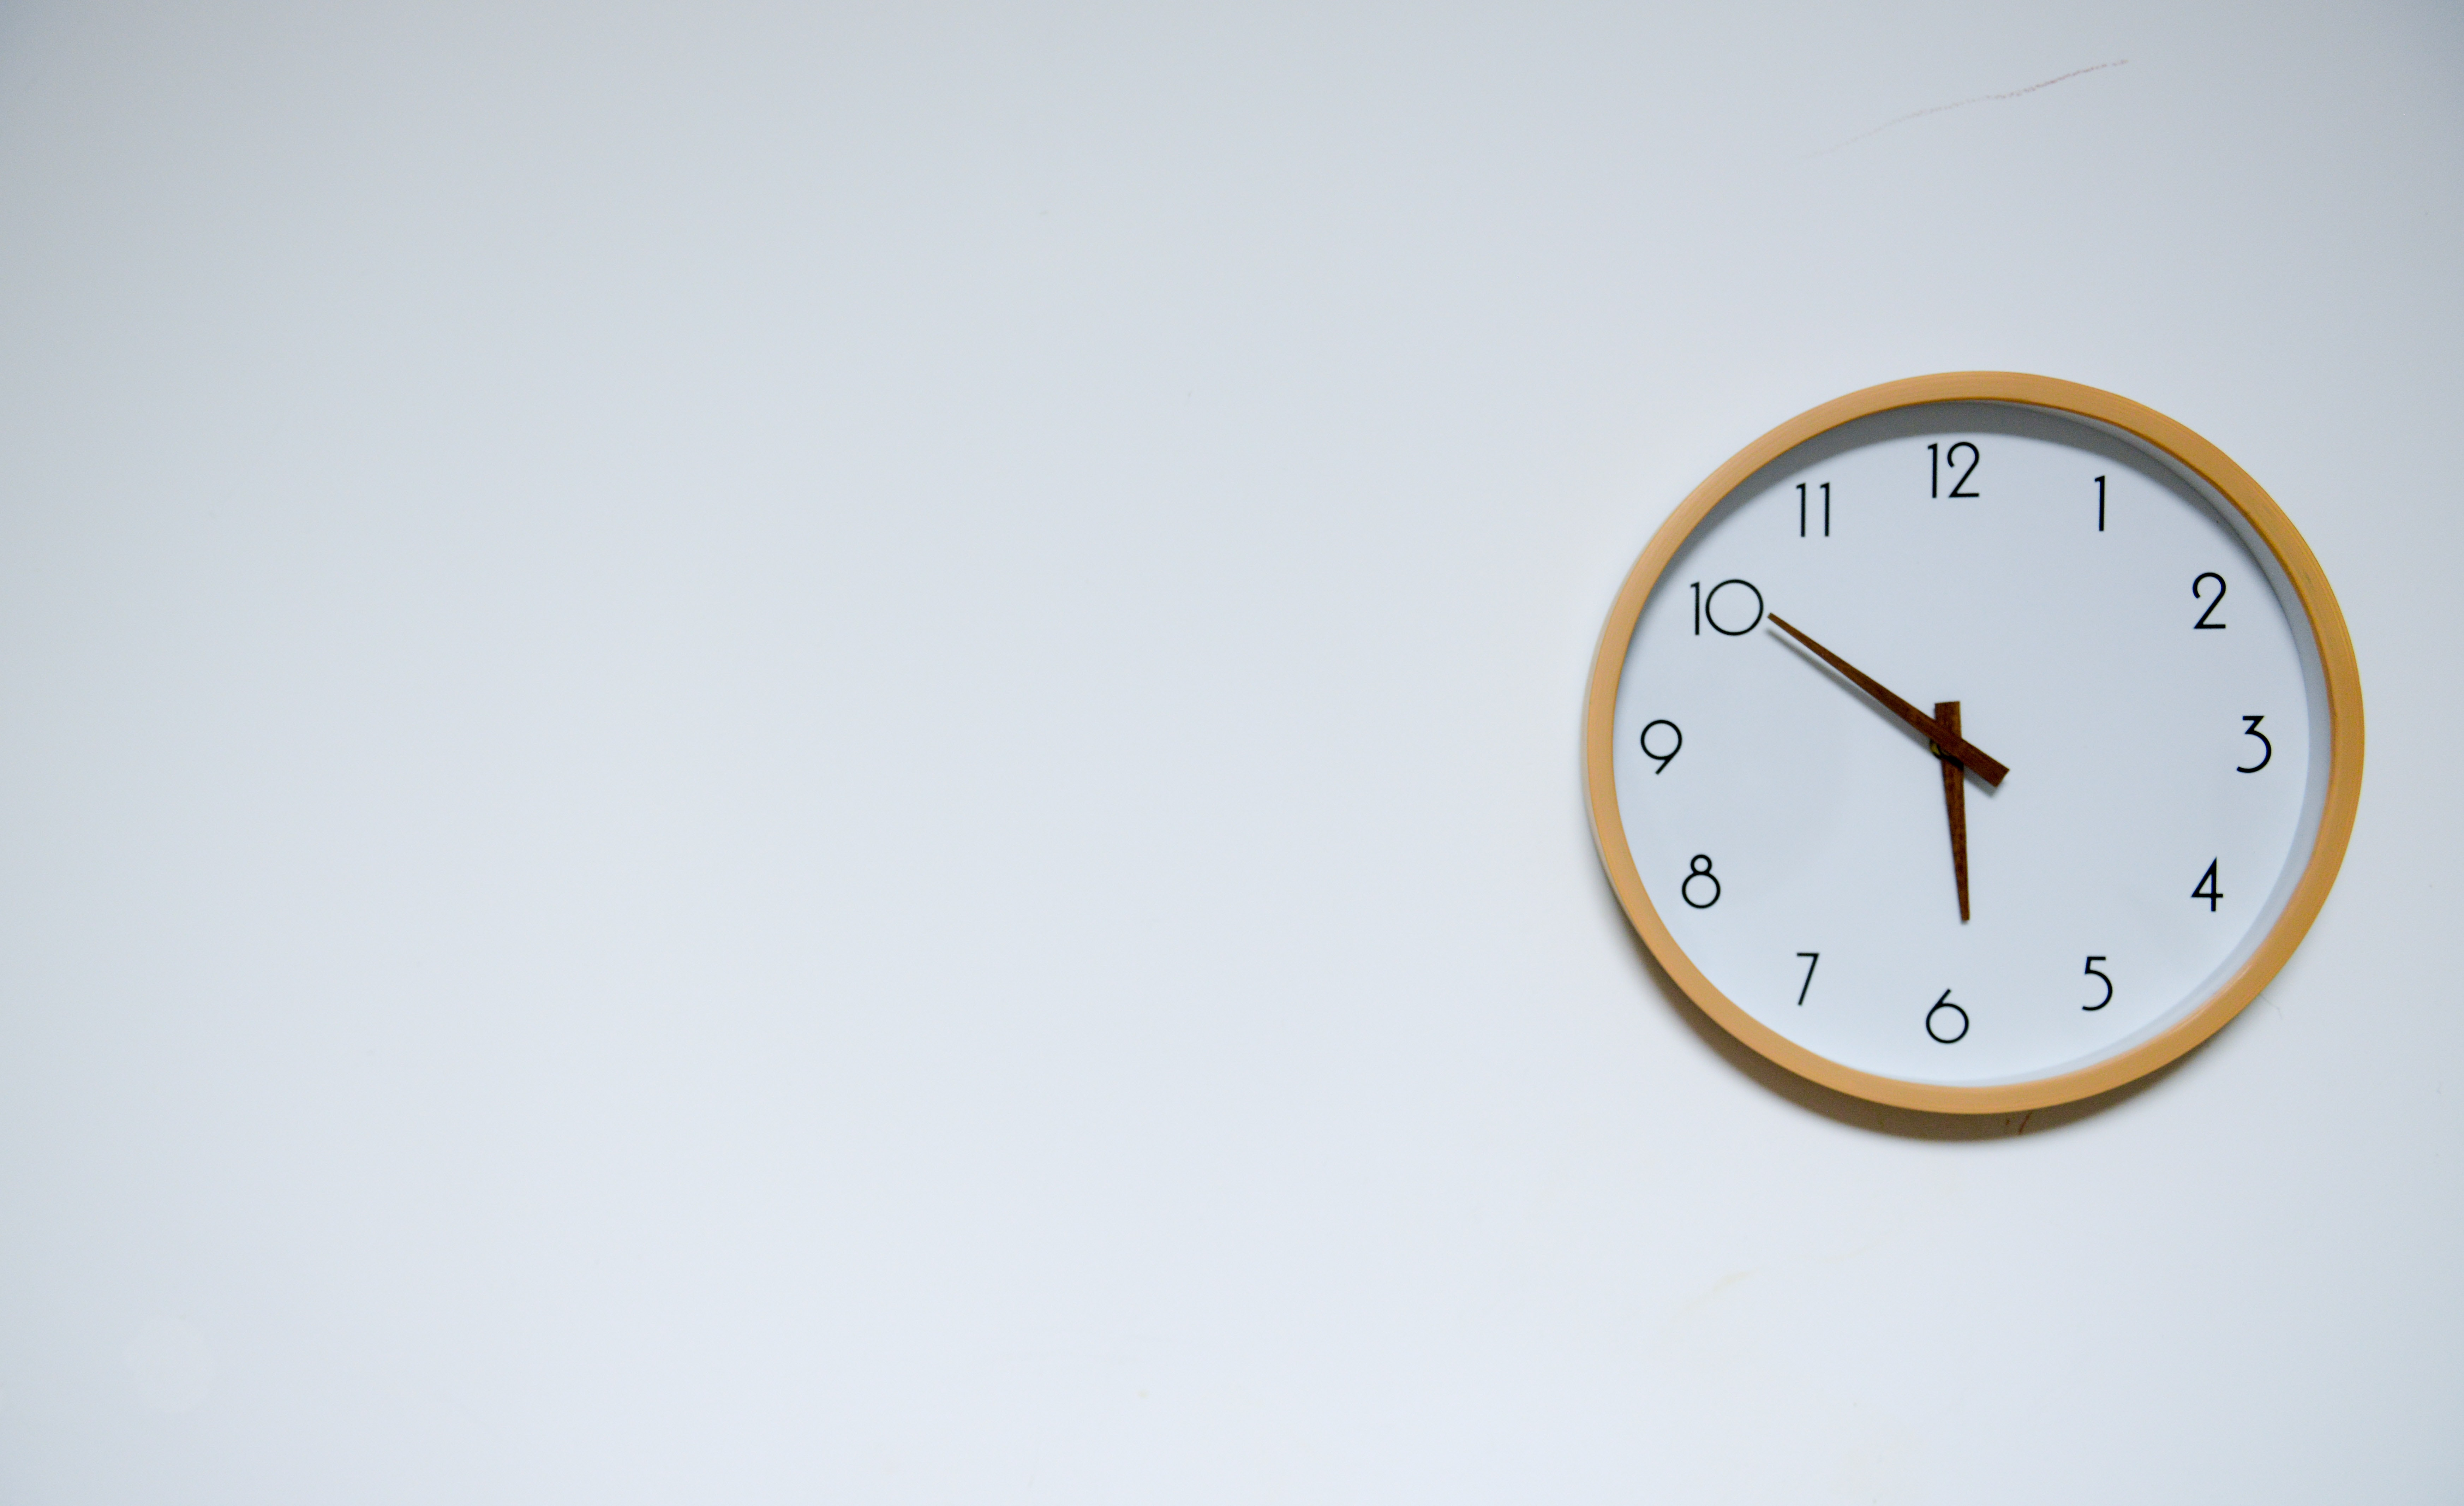 relógio marcando 5:50 pendurado em uma parede branca